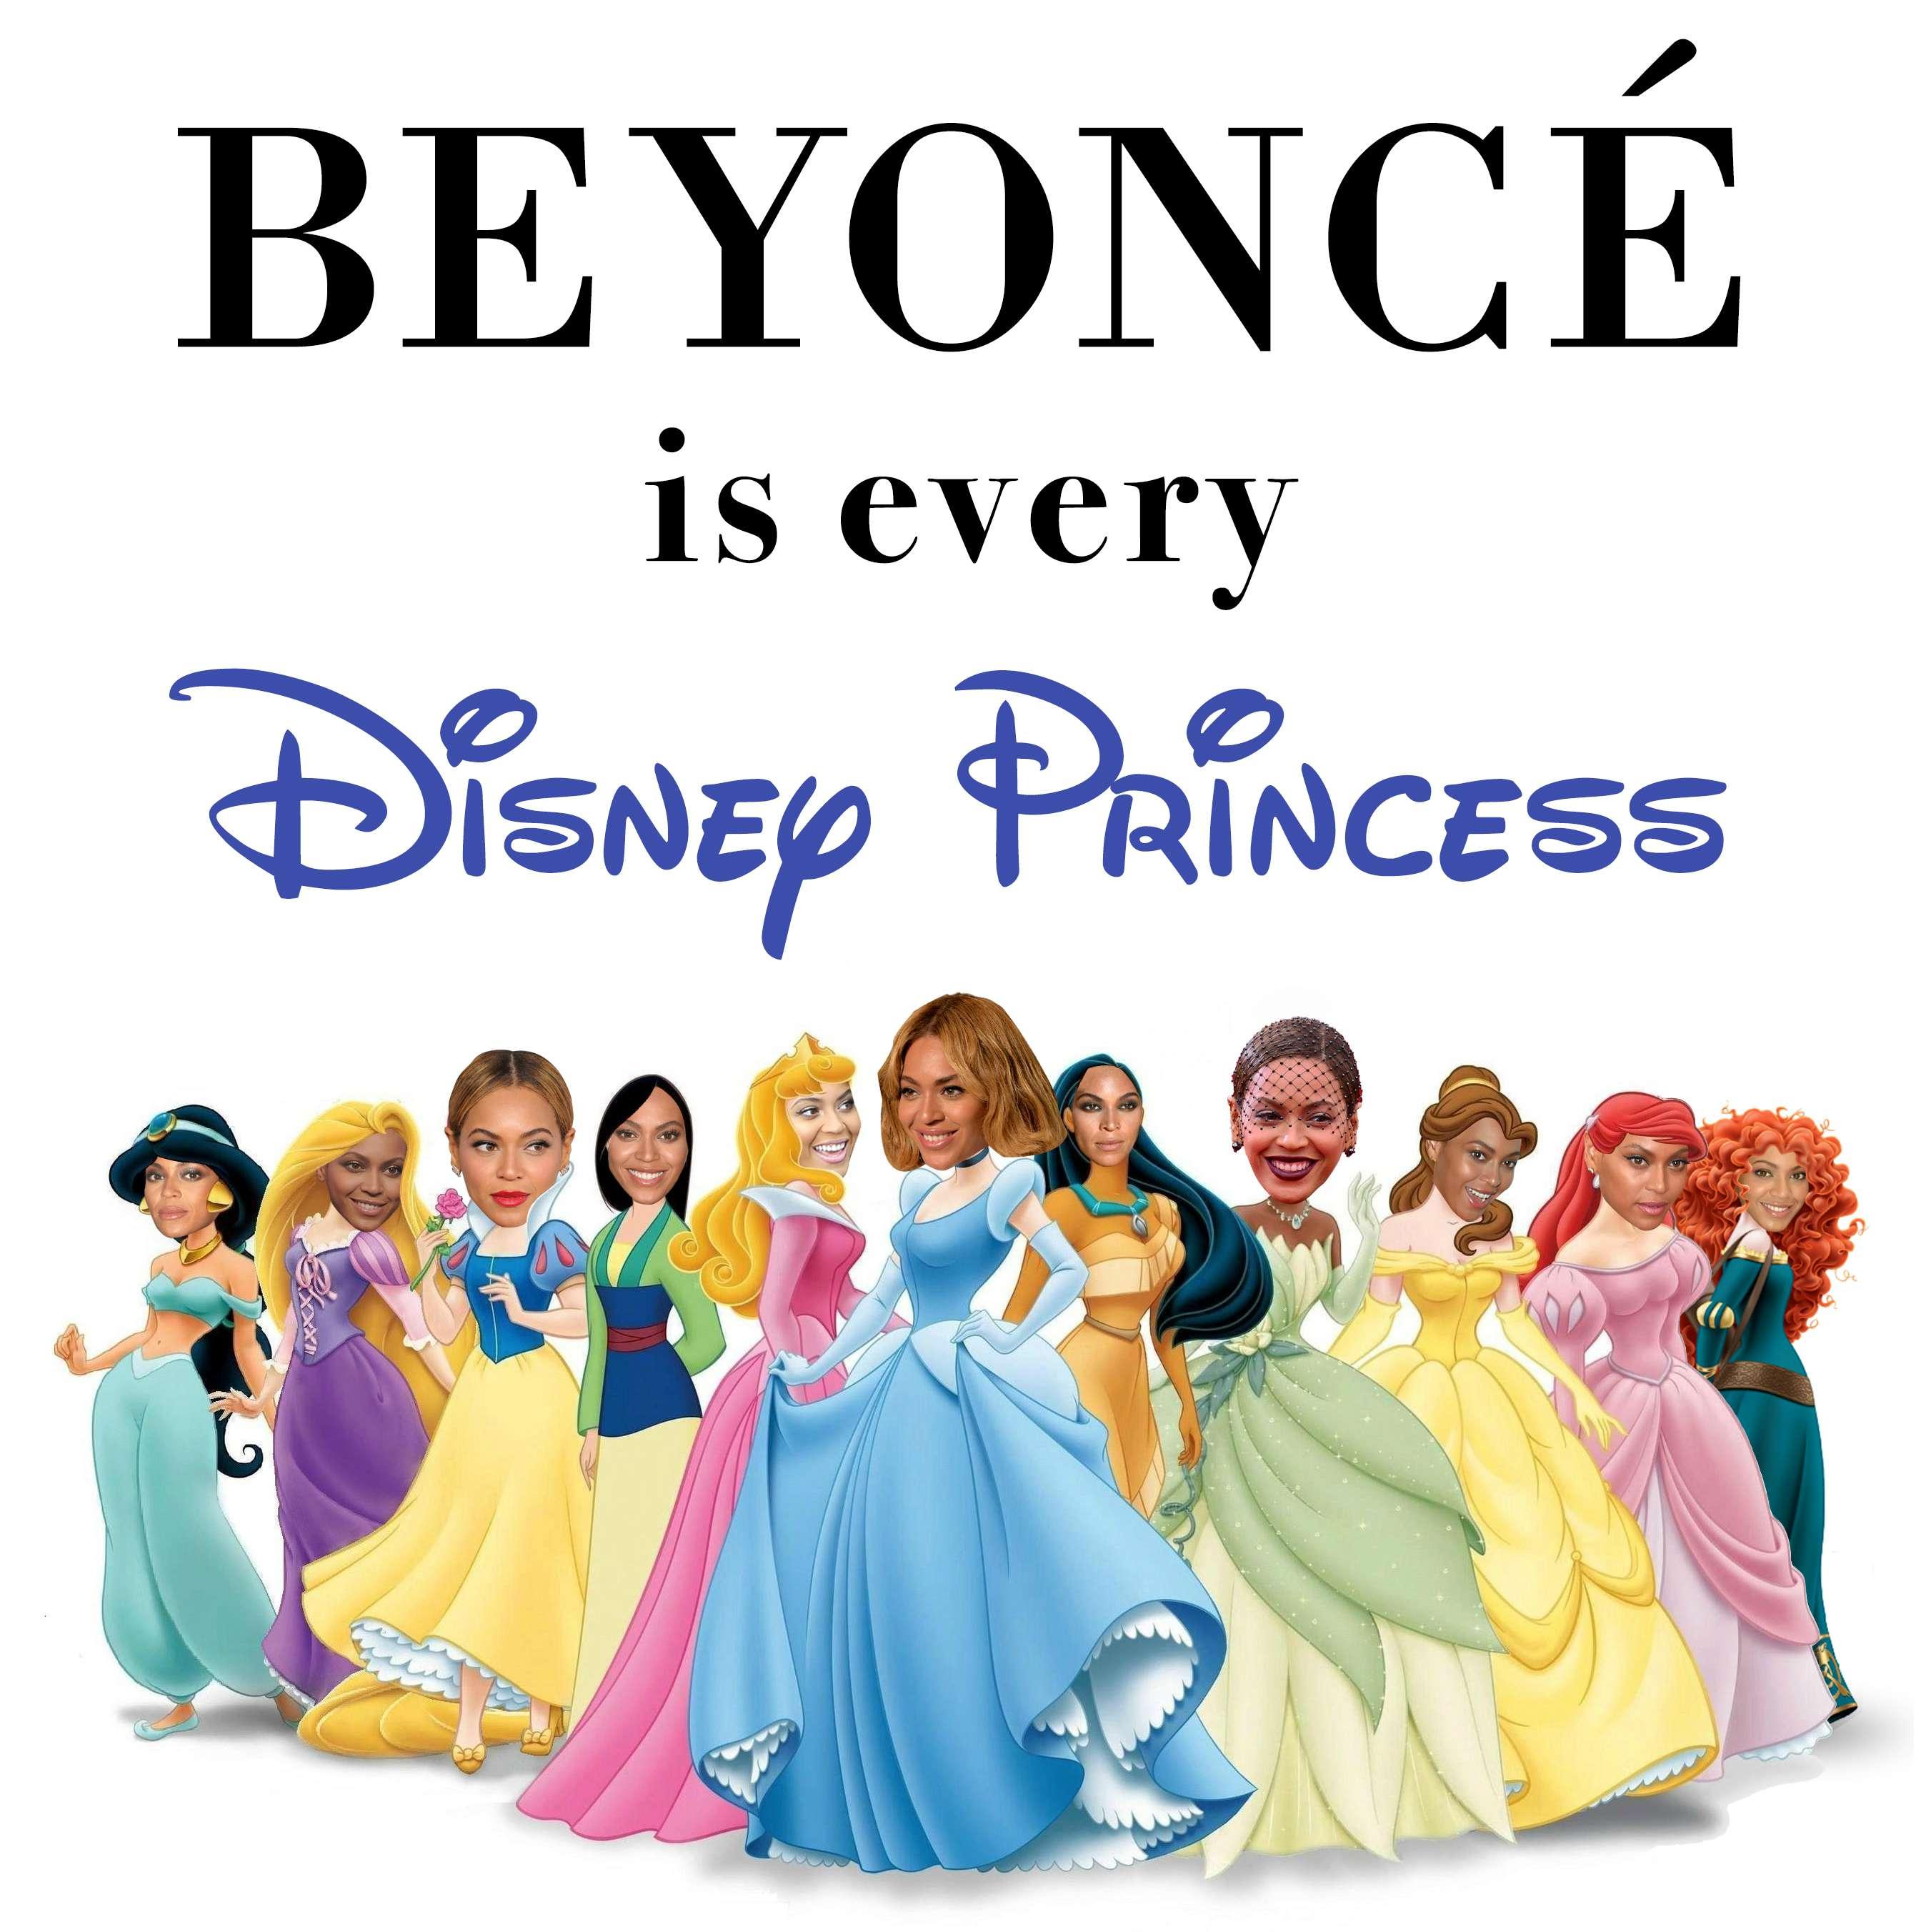 beyonce disney princess